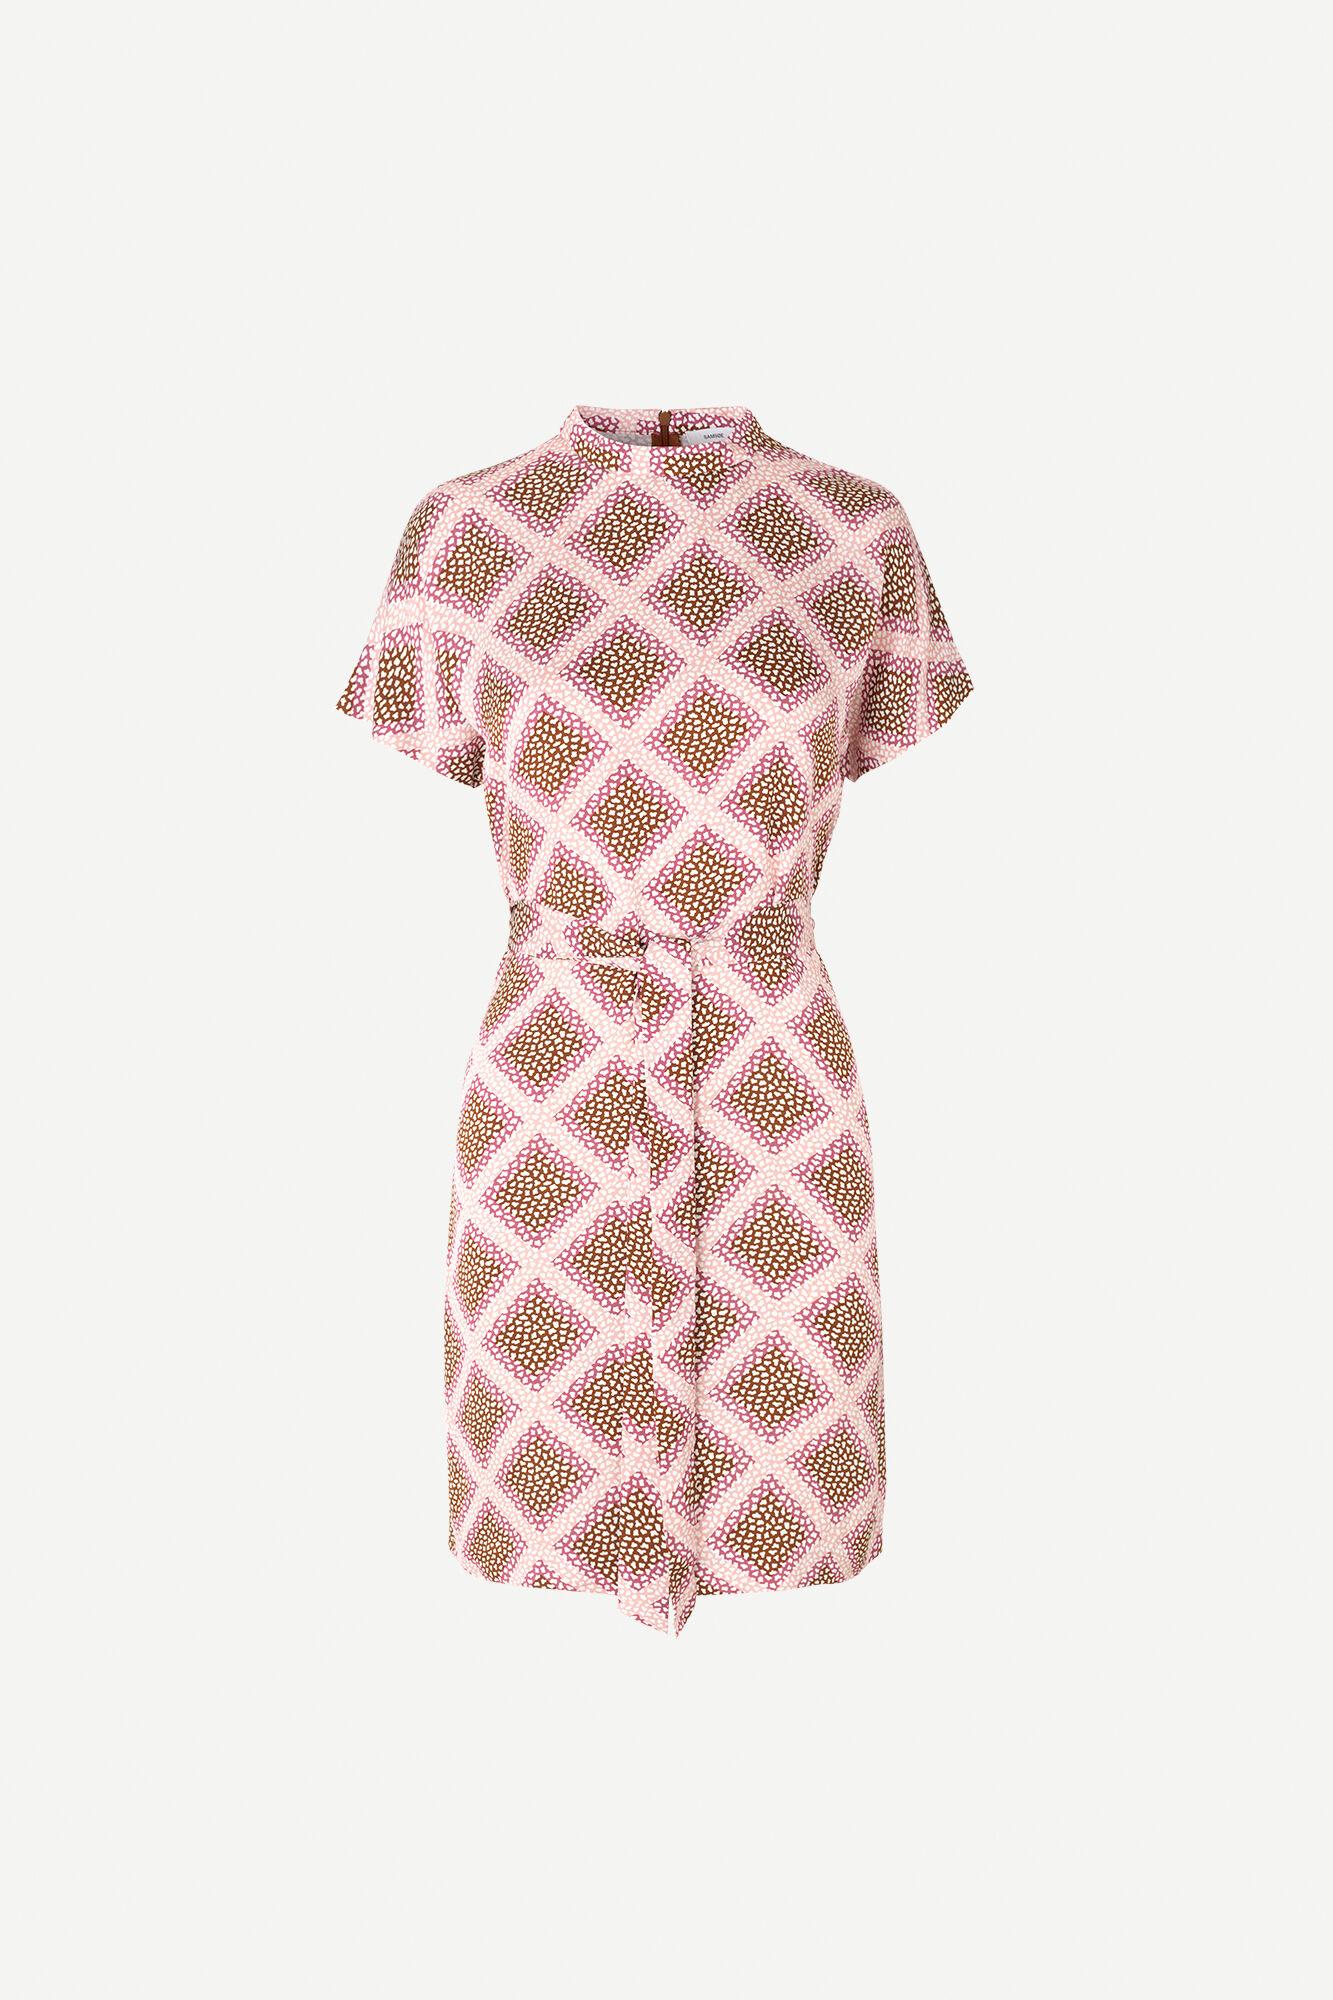 Blumea short dress aop 8325